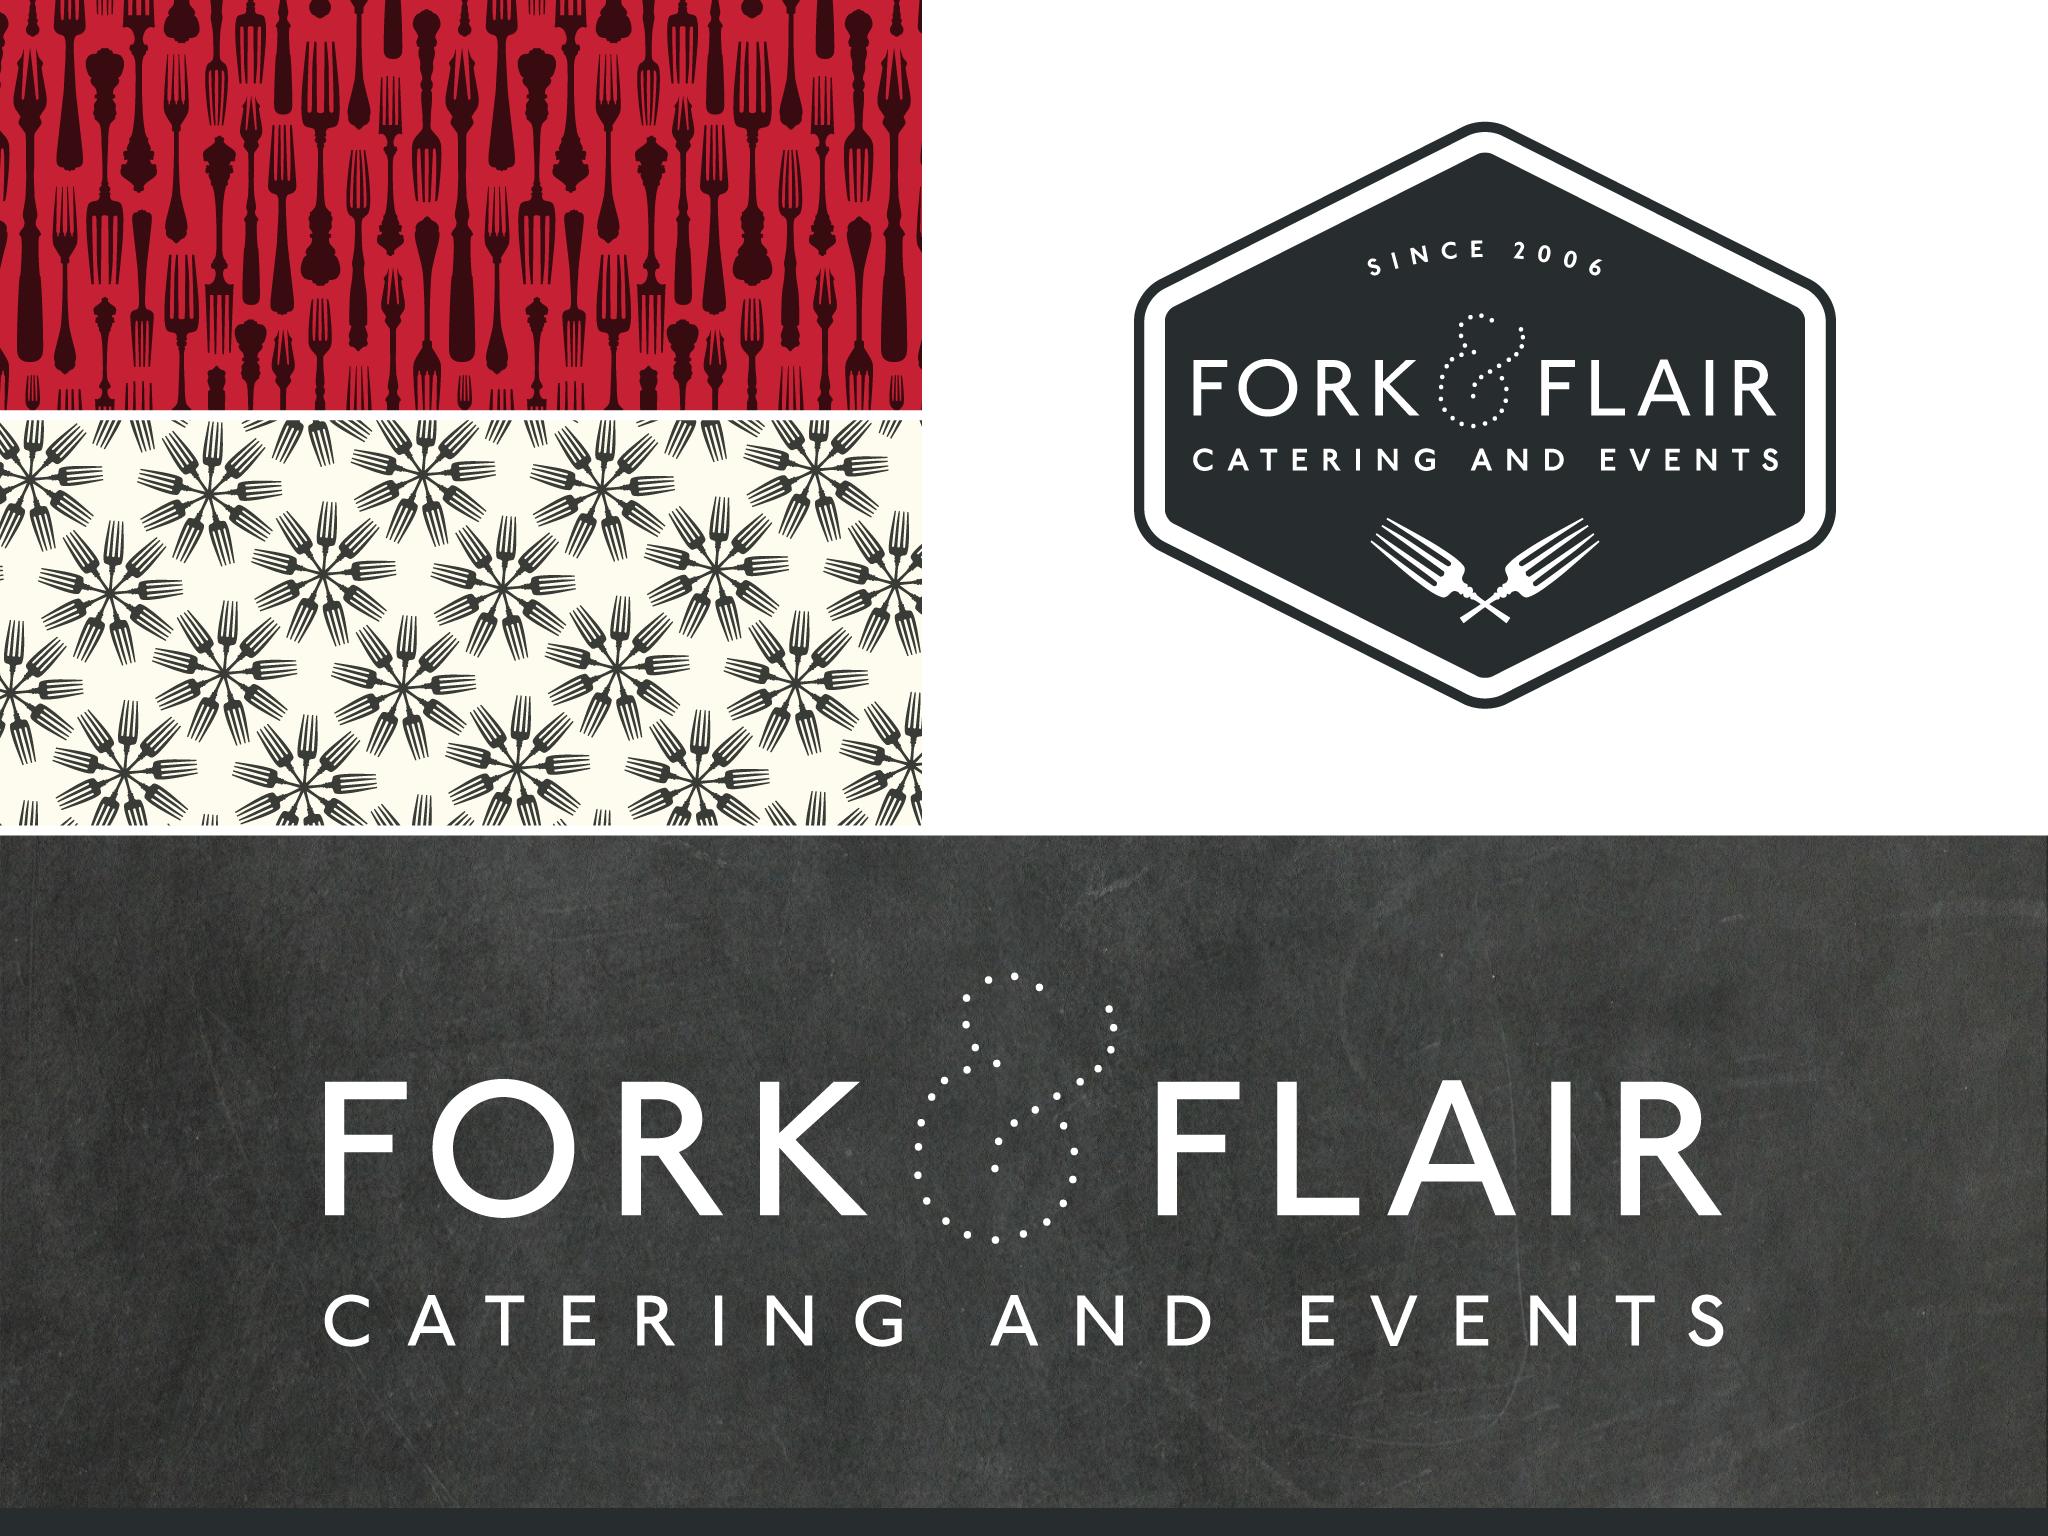 forkandflair-logo-board.png